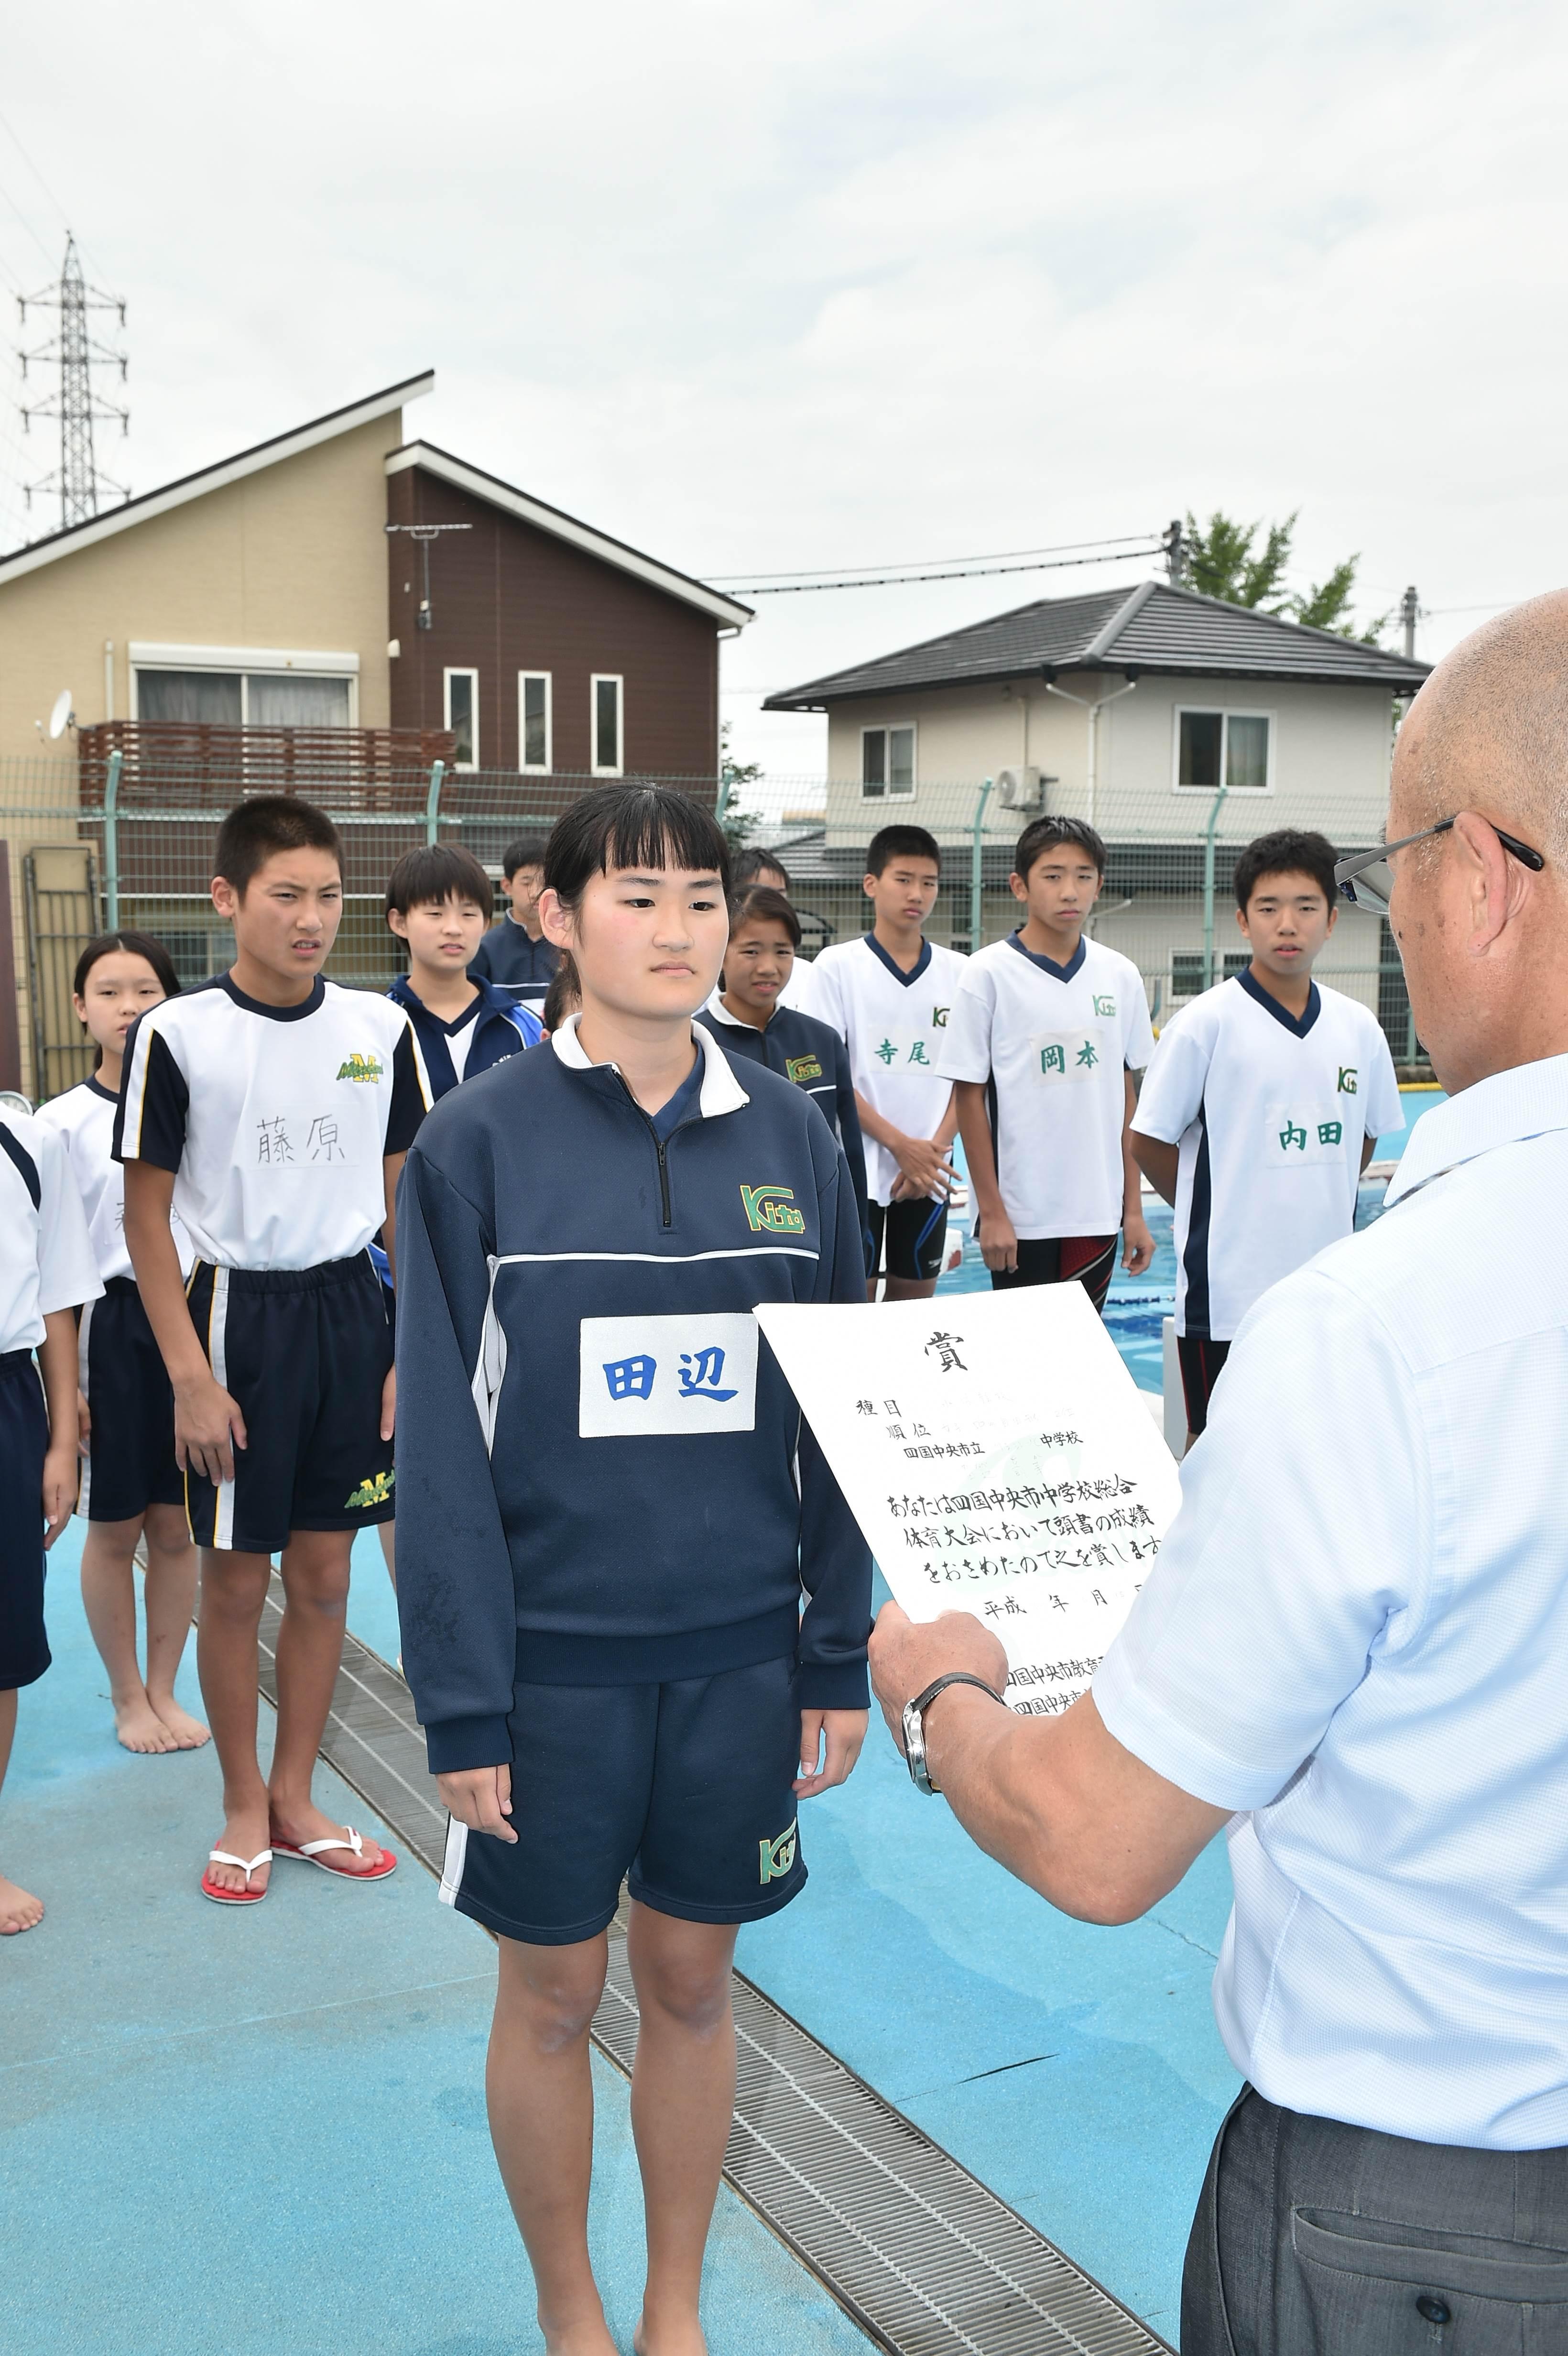 水泳 (2)